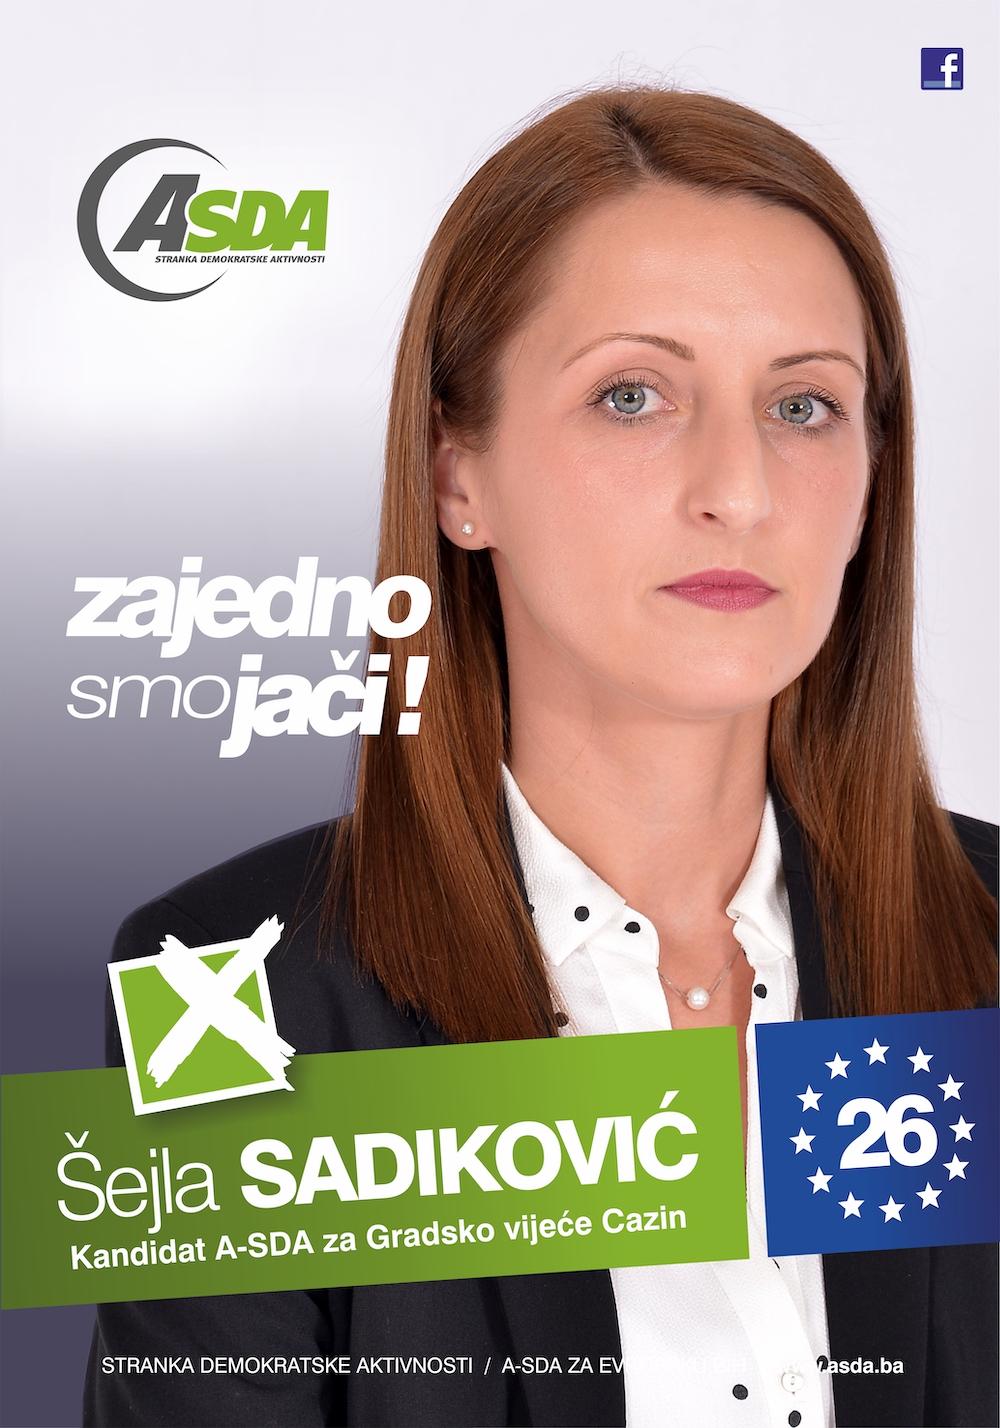 Šejla Sadiković